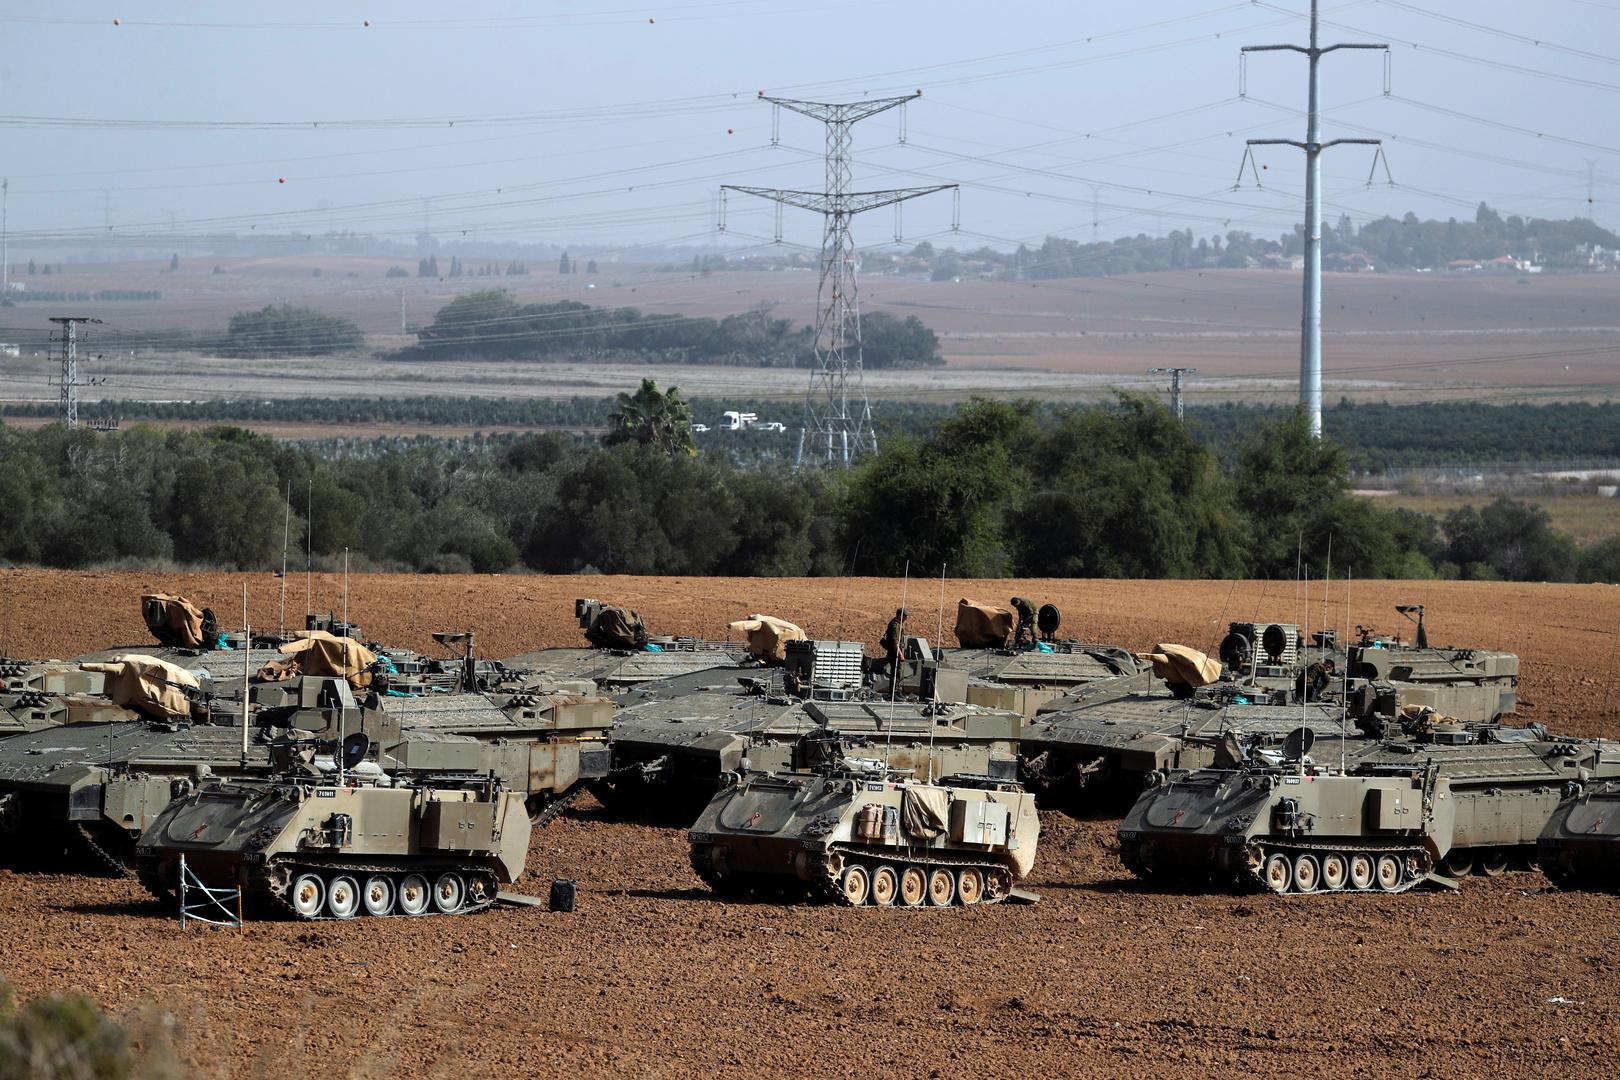 إسرائيل تعلن انتهاء عملية